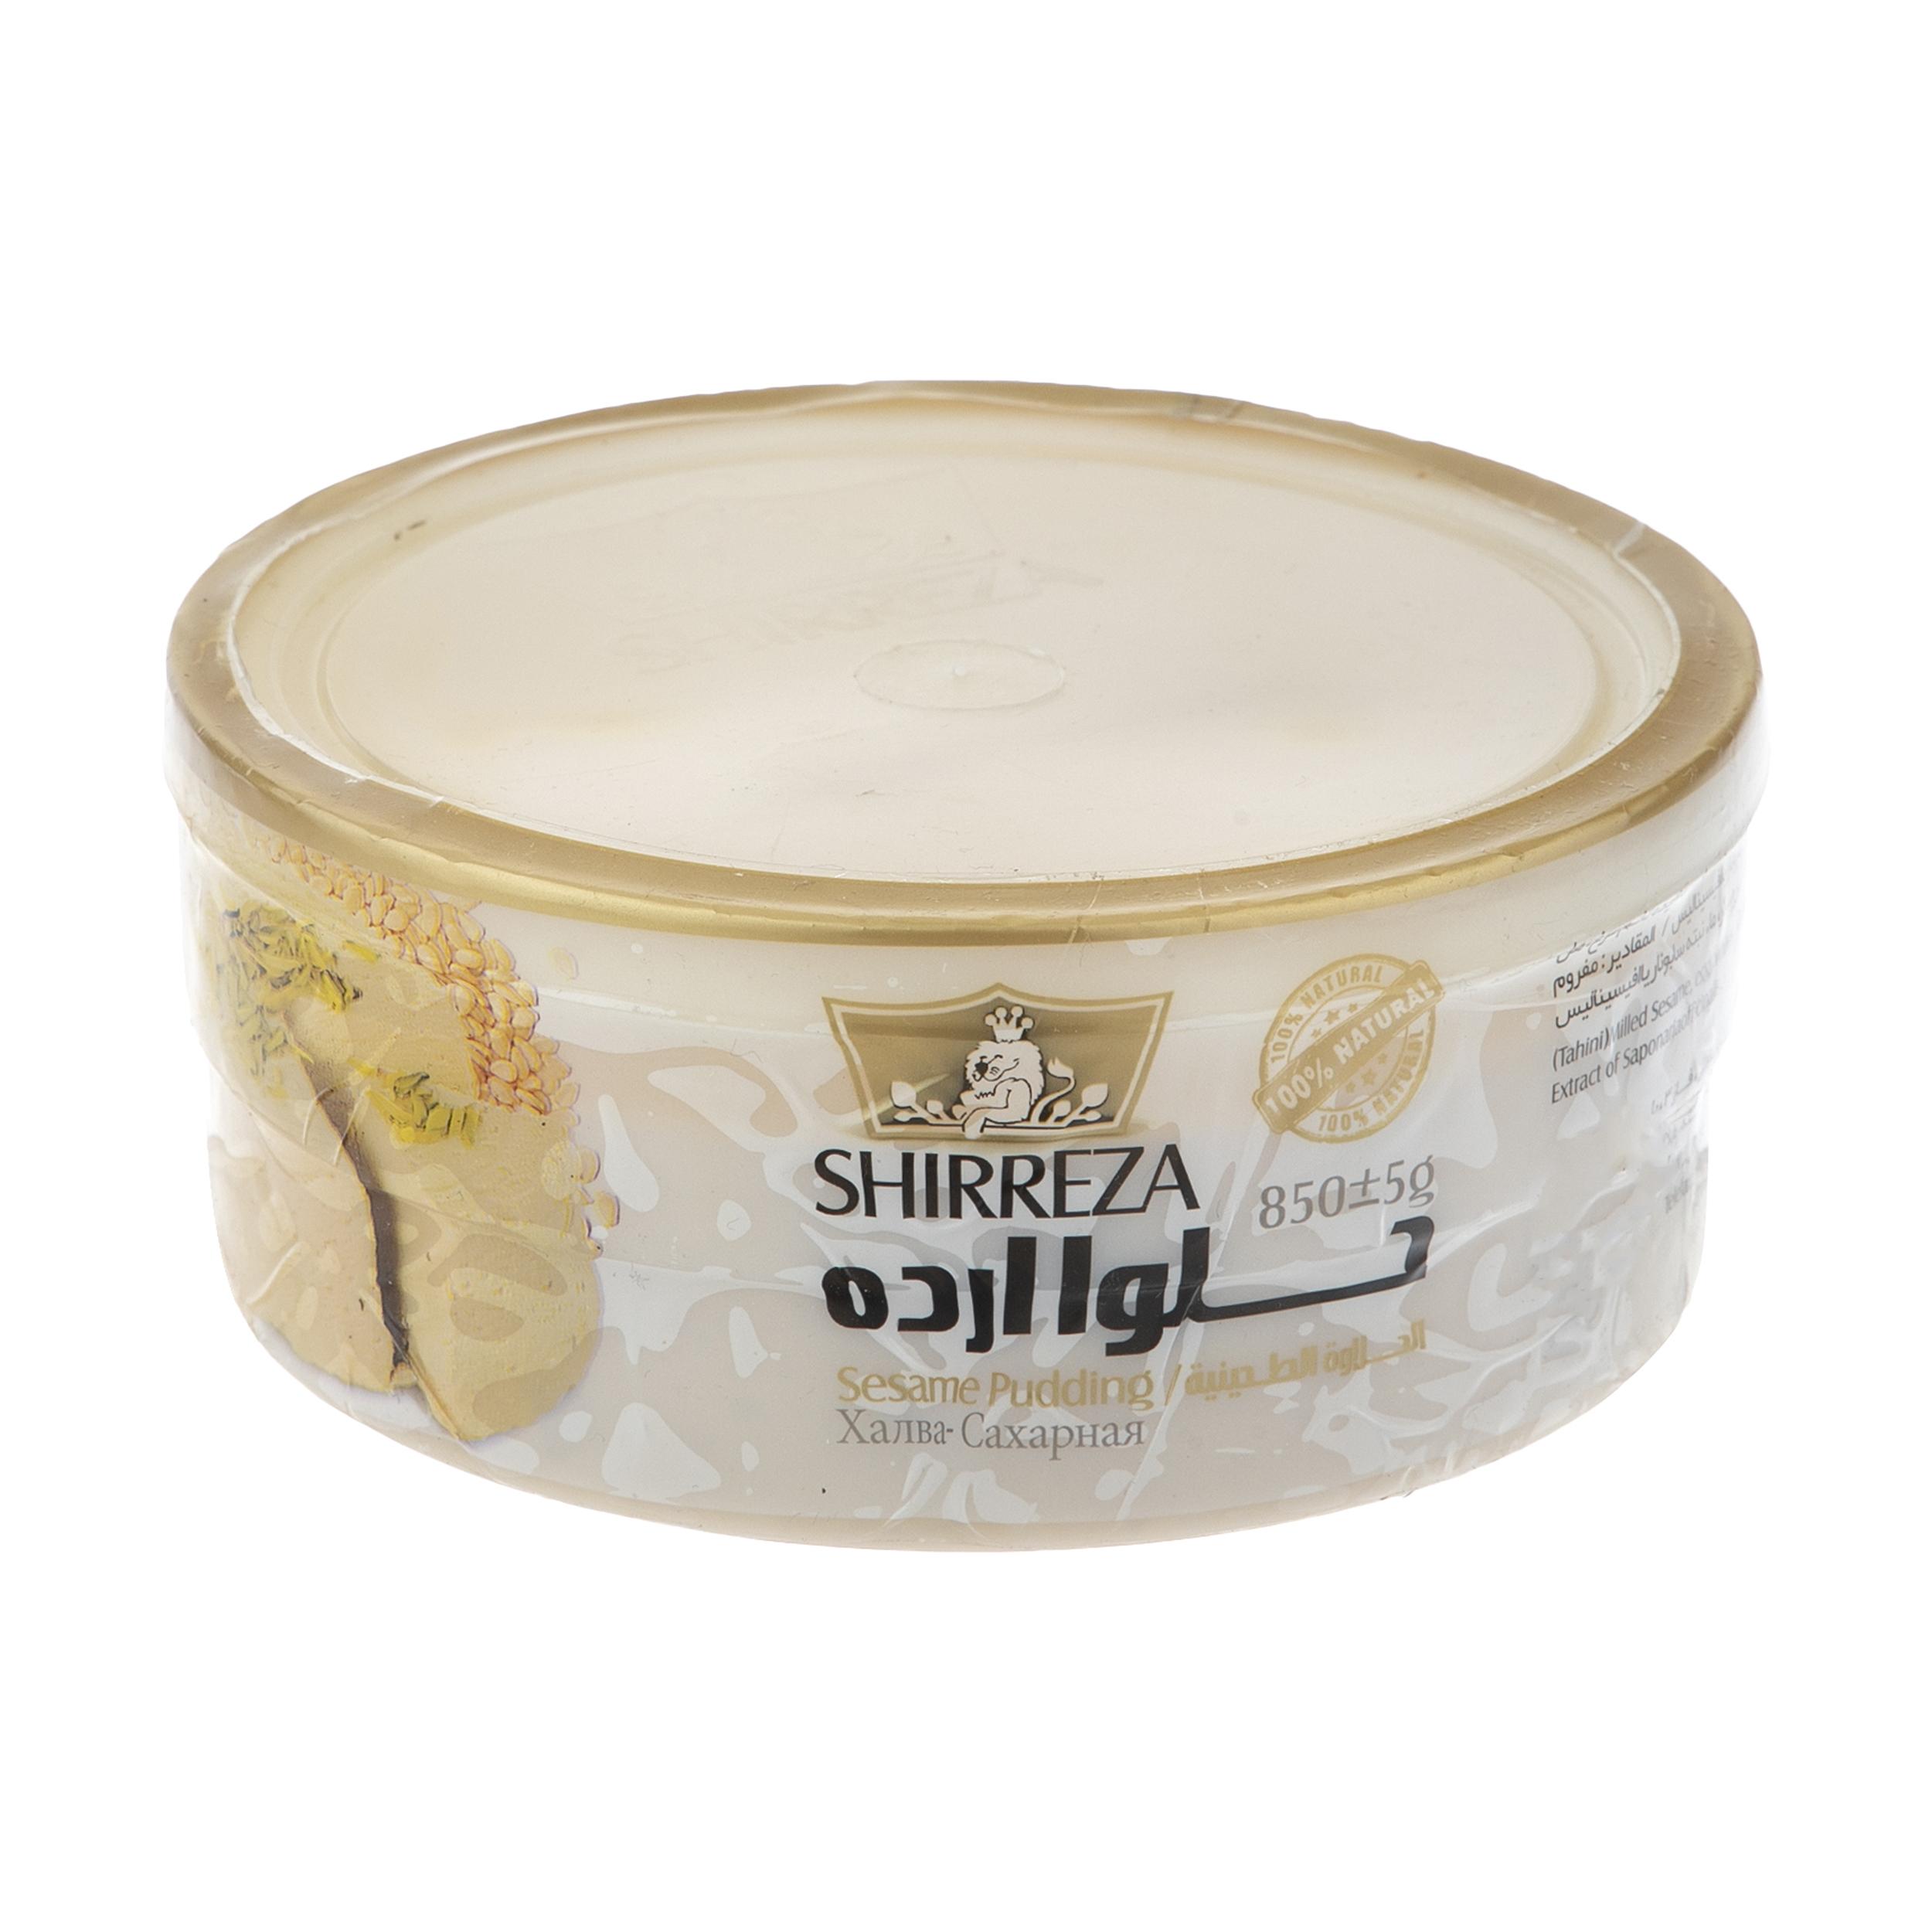 حلوا ارده سنتی شیررضا - 850 گرم